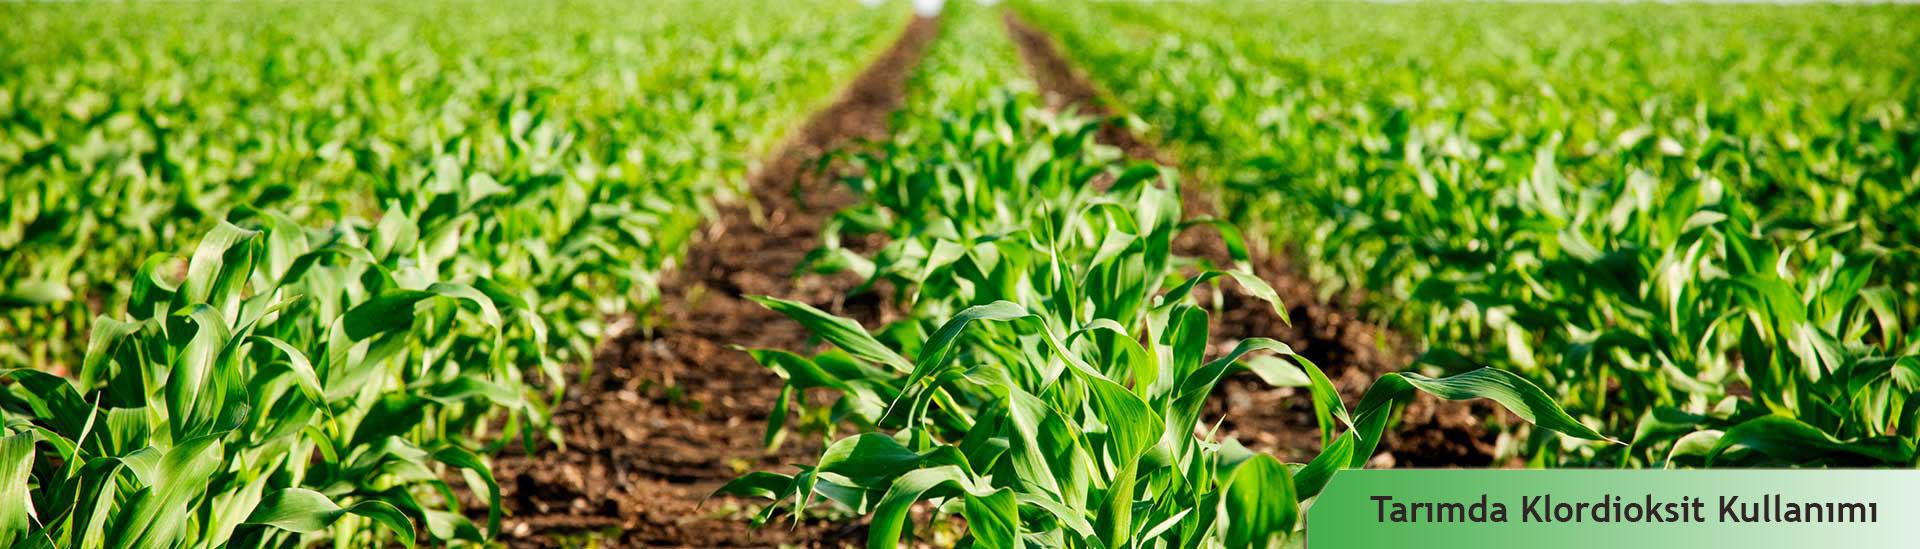 Klordioksit Tarımda Kullanımı